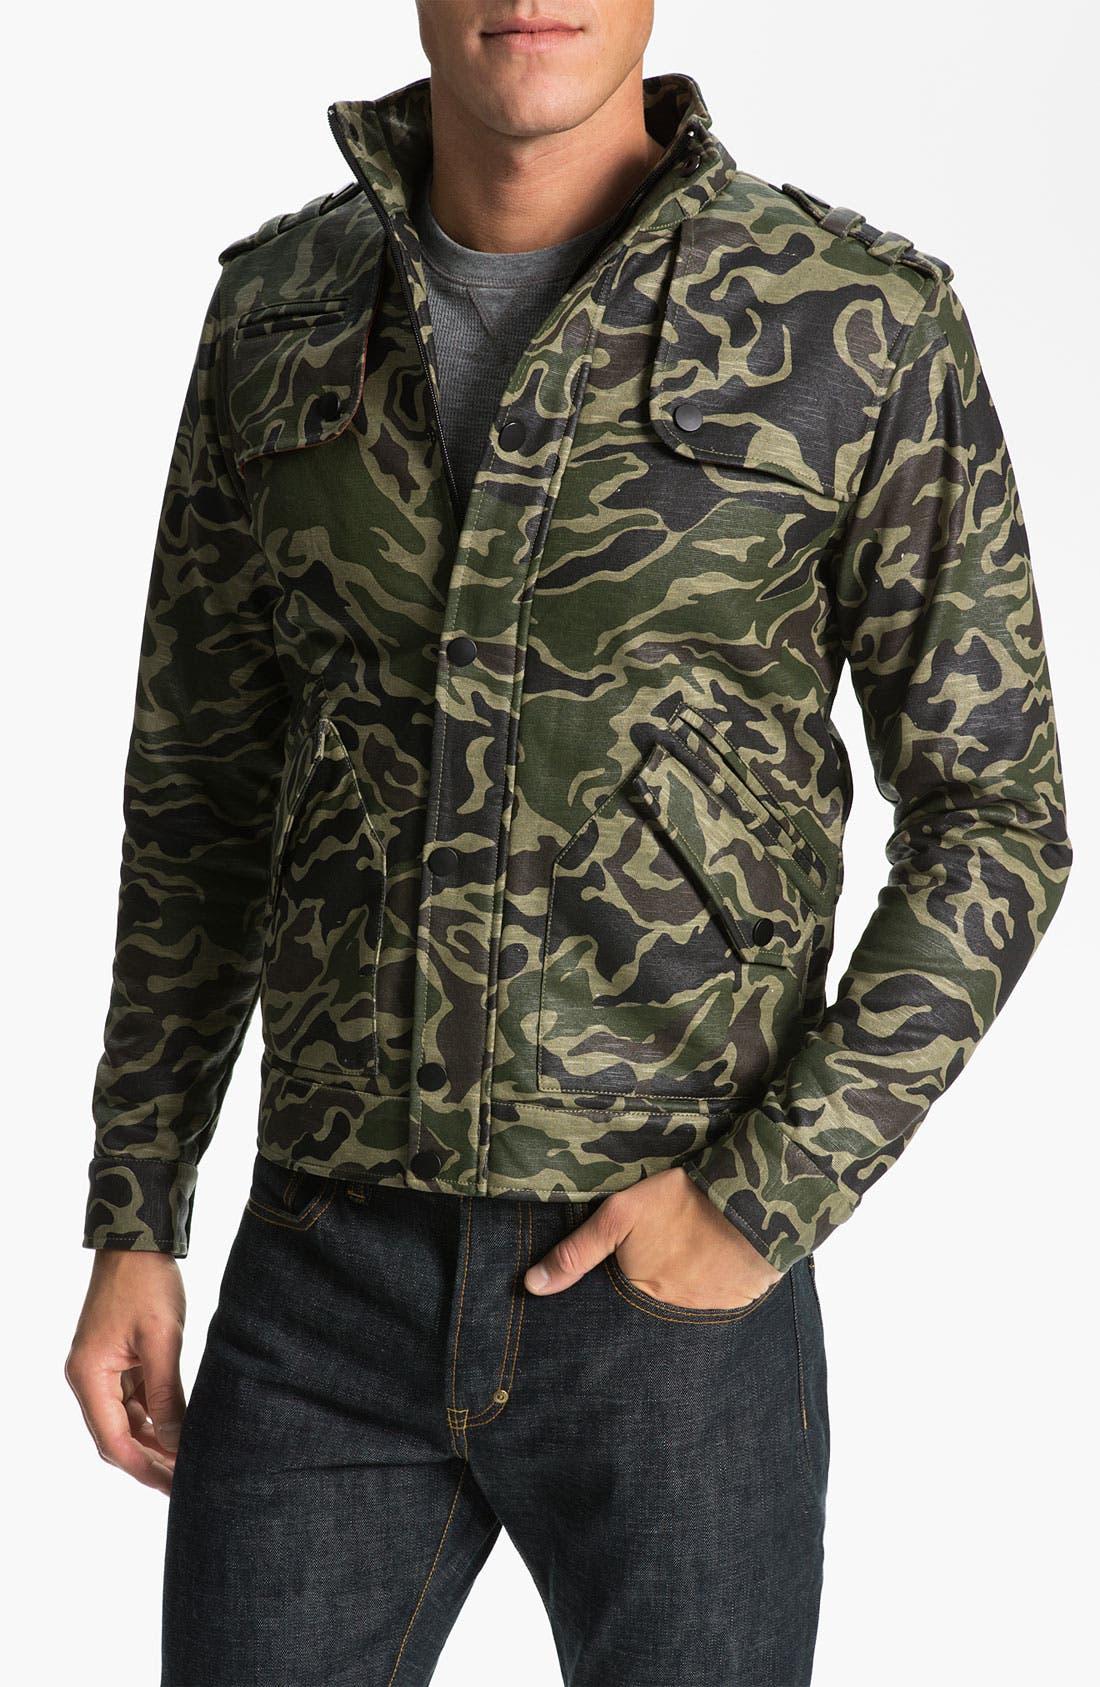 KANE & UNKE, Slub Knit Trim Fit Camo Jacket, Main thumbnail 1, color, 964